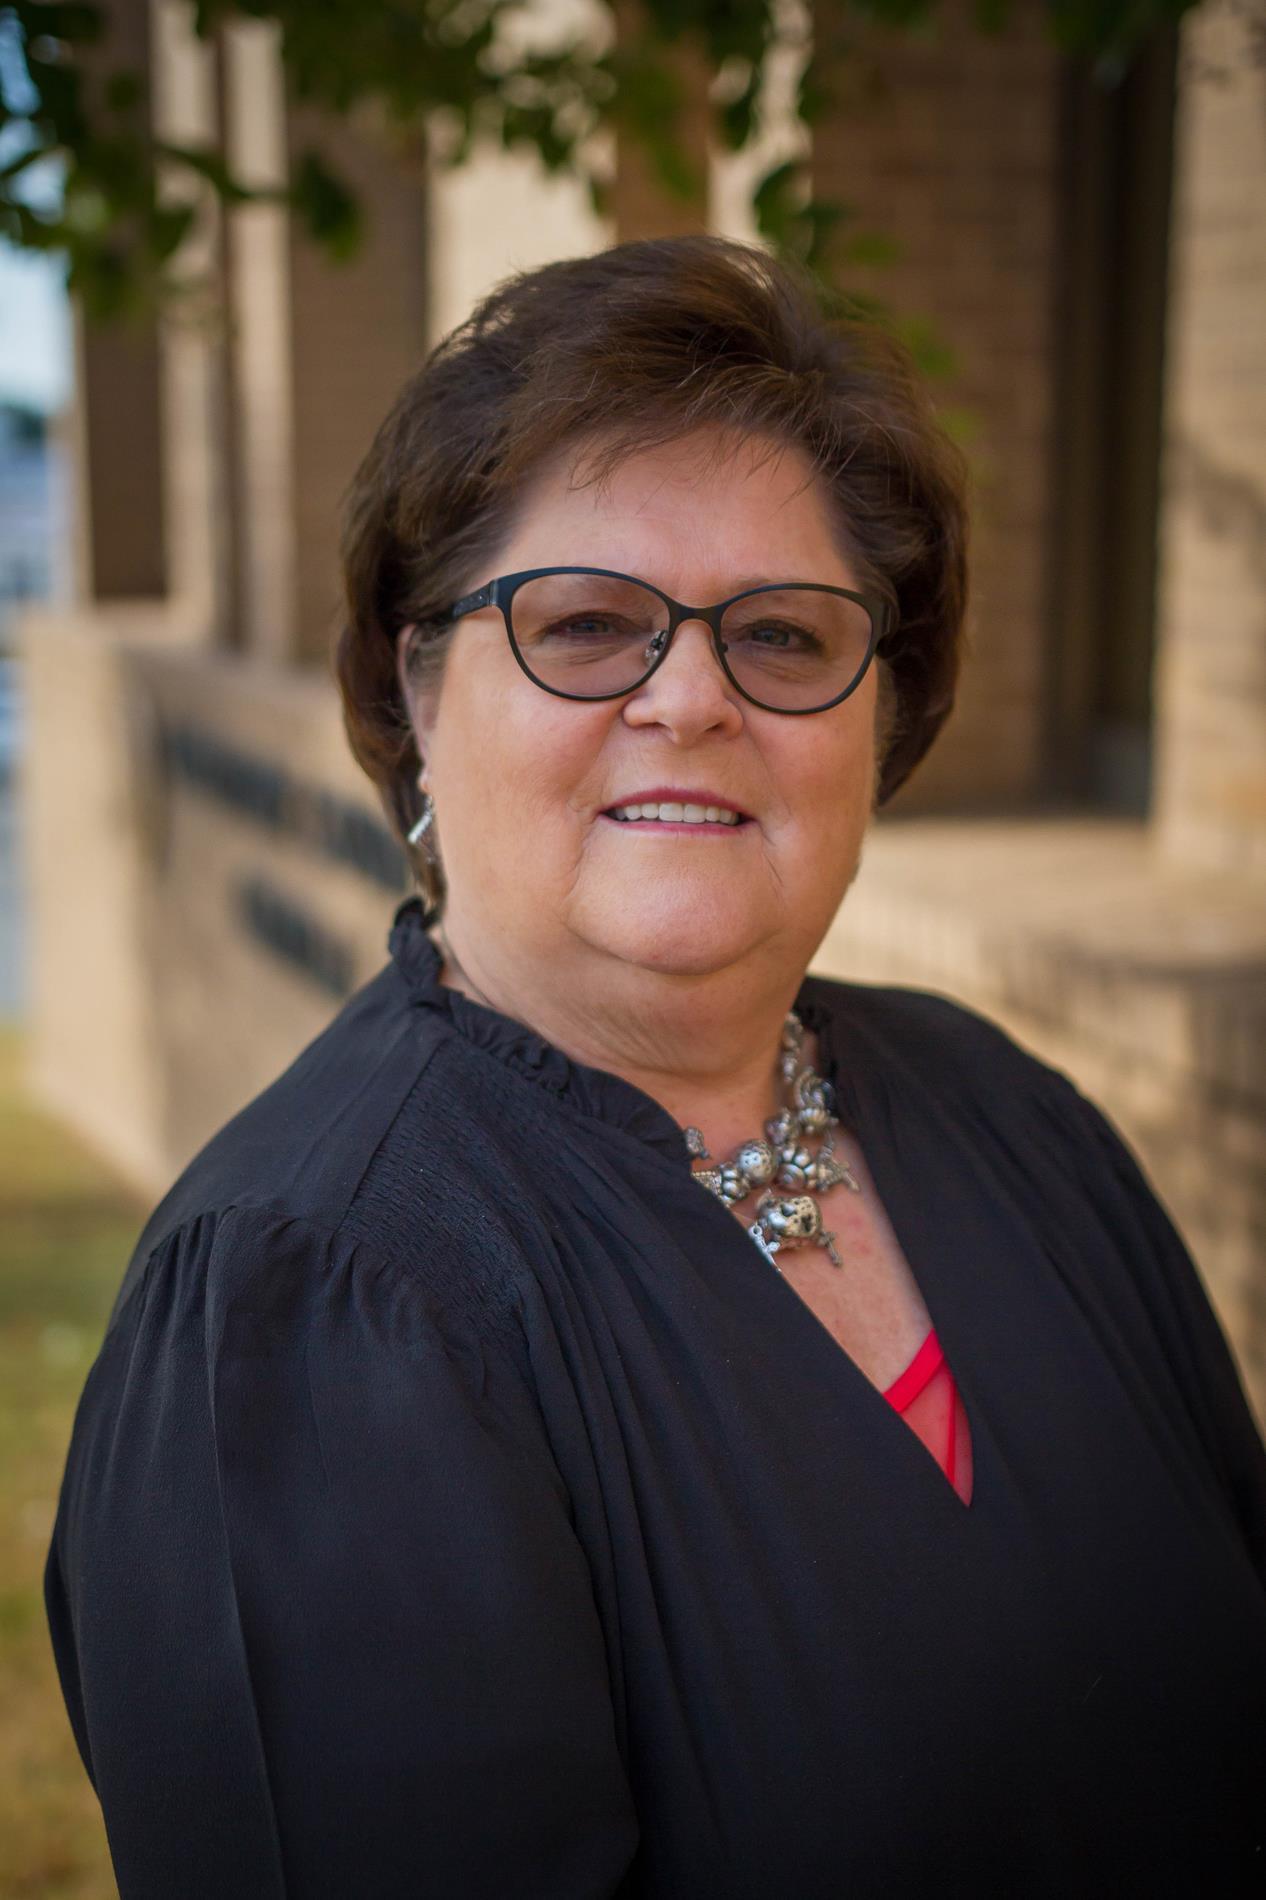 Fay Shannon, Secretary to Child Nutrition